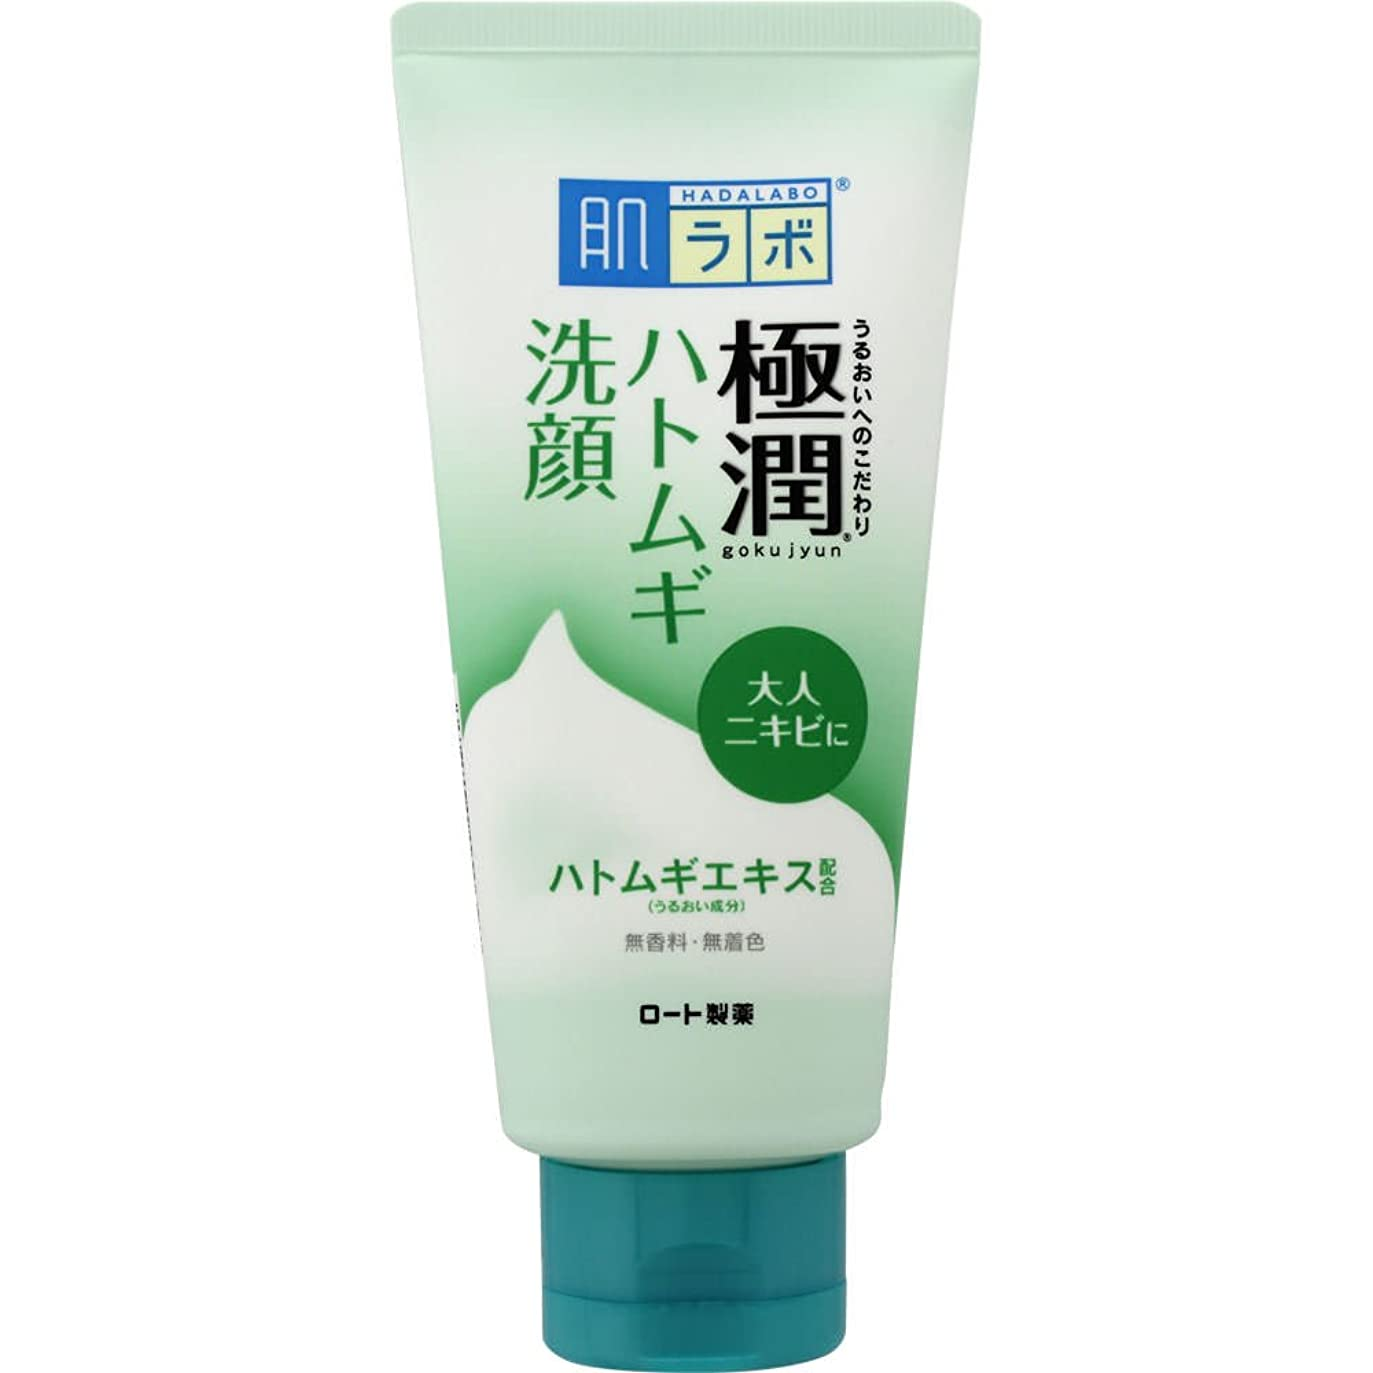 創造東方経済的肌ラボ 極潤 毛穴洗浄 大人ニキビ予防 ハトムギ洗顔フォーム 100g